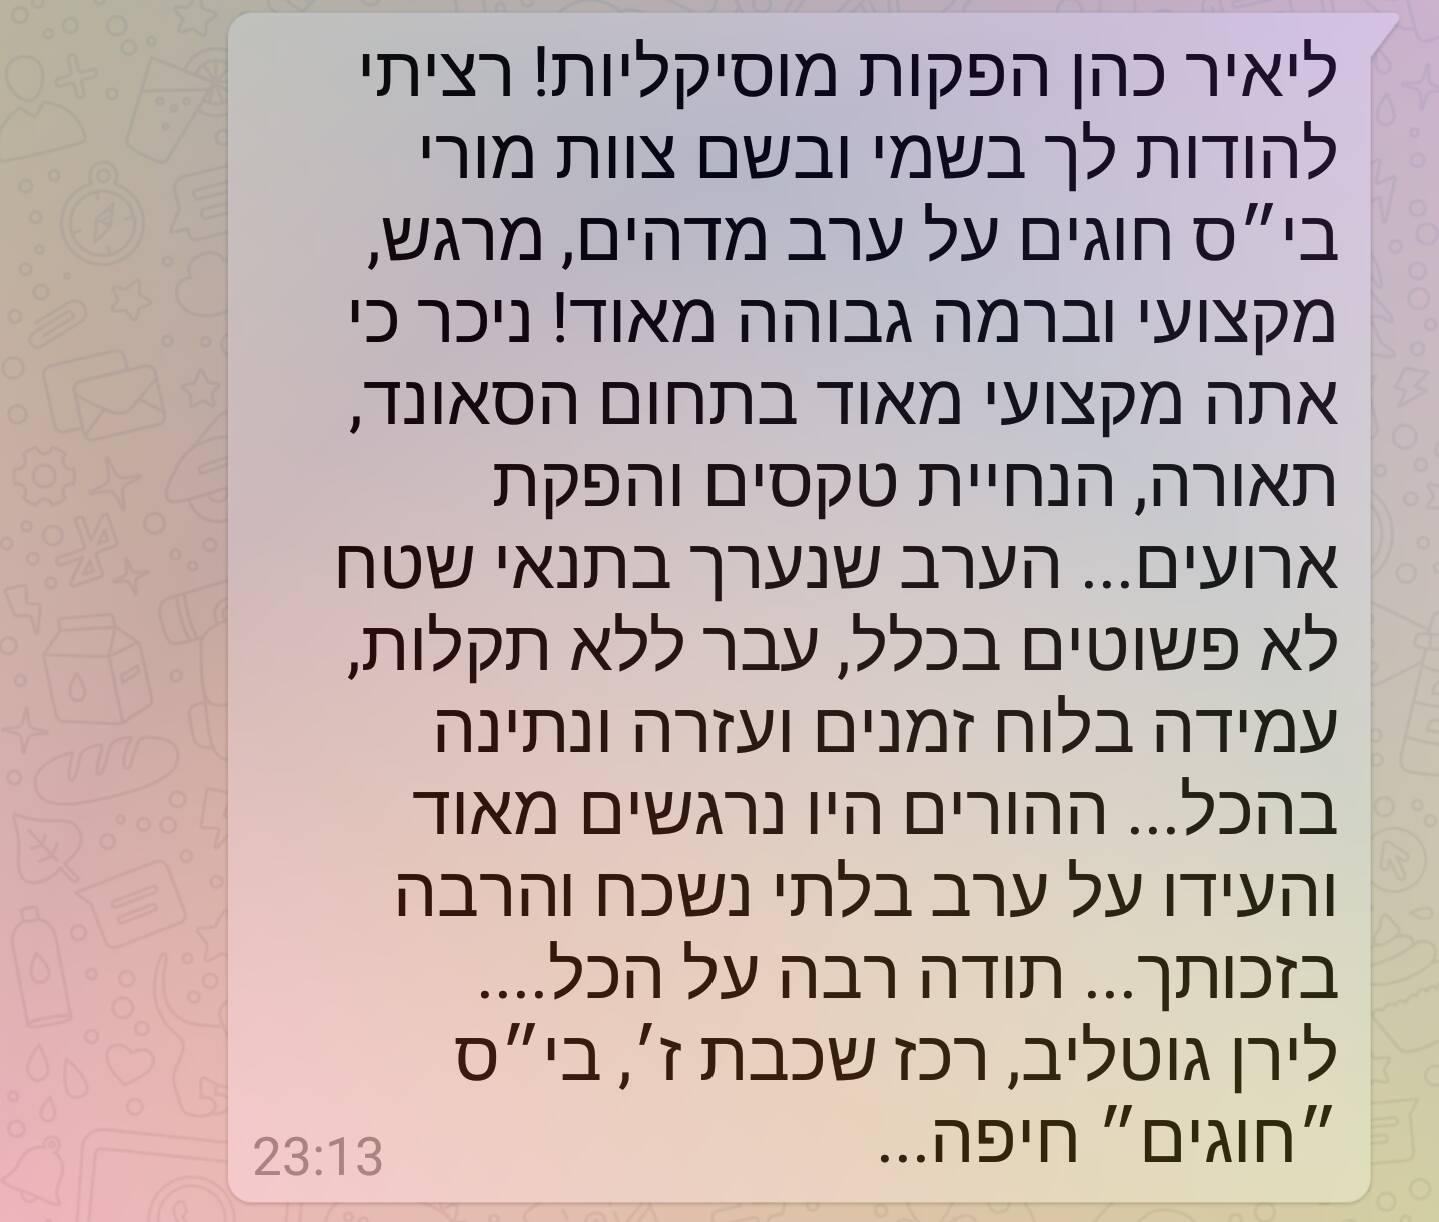 המלצה מבית ספר חוגים חיפה